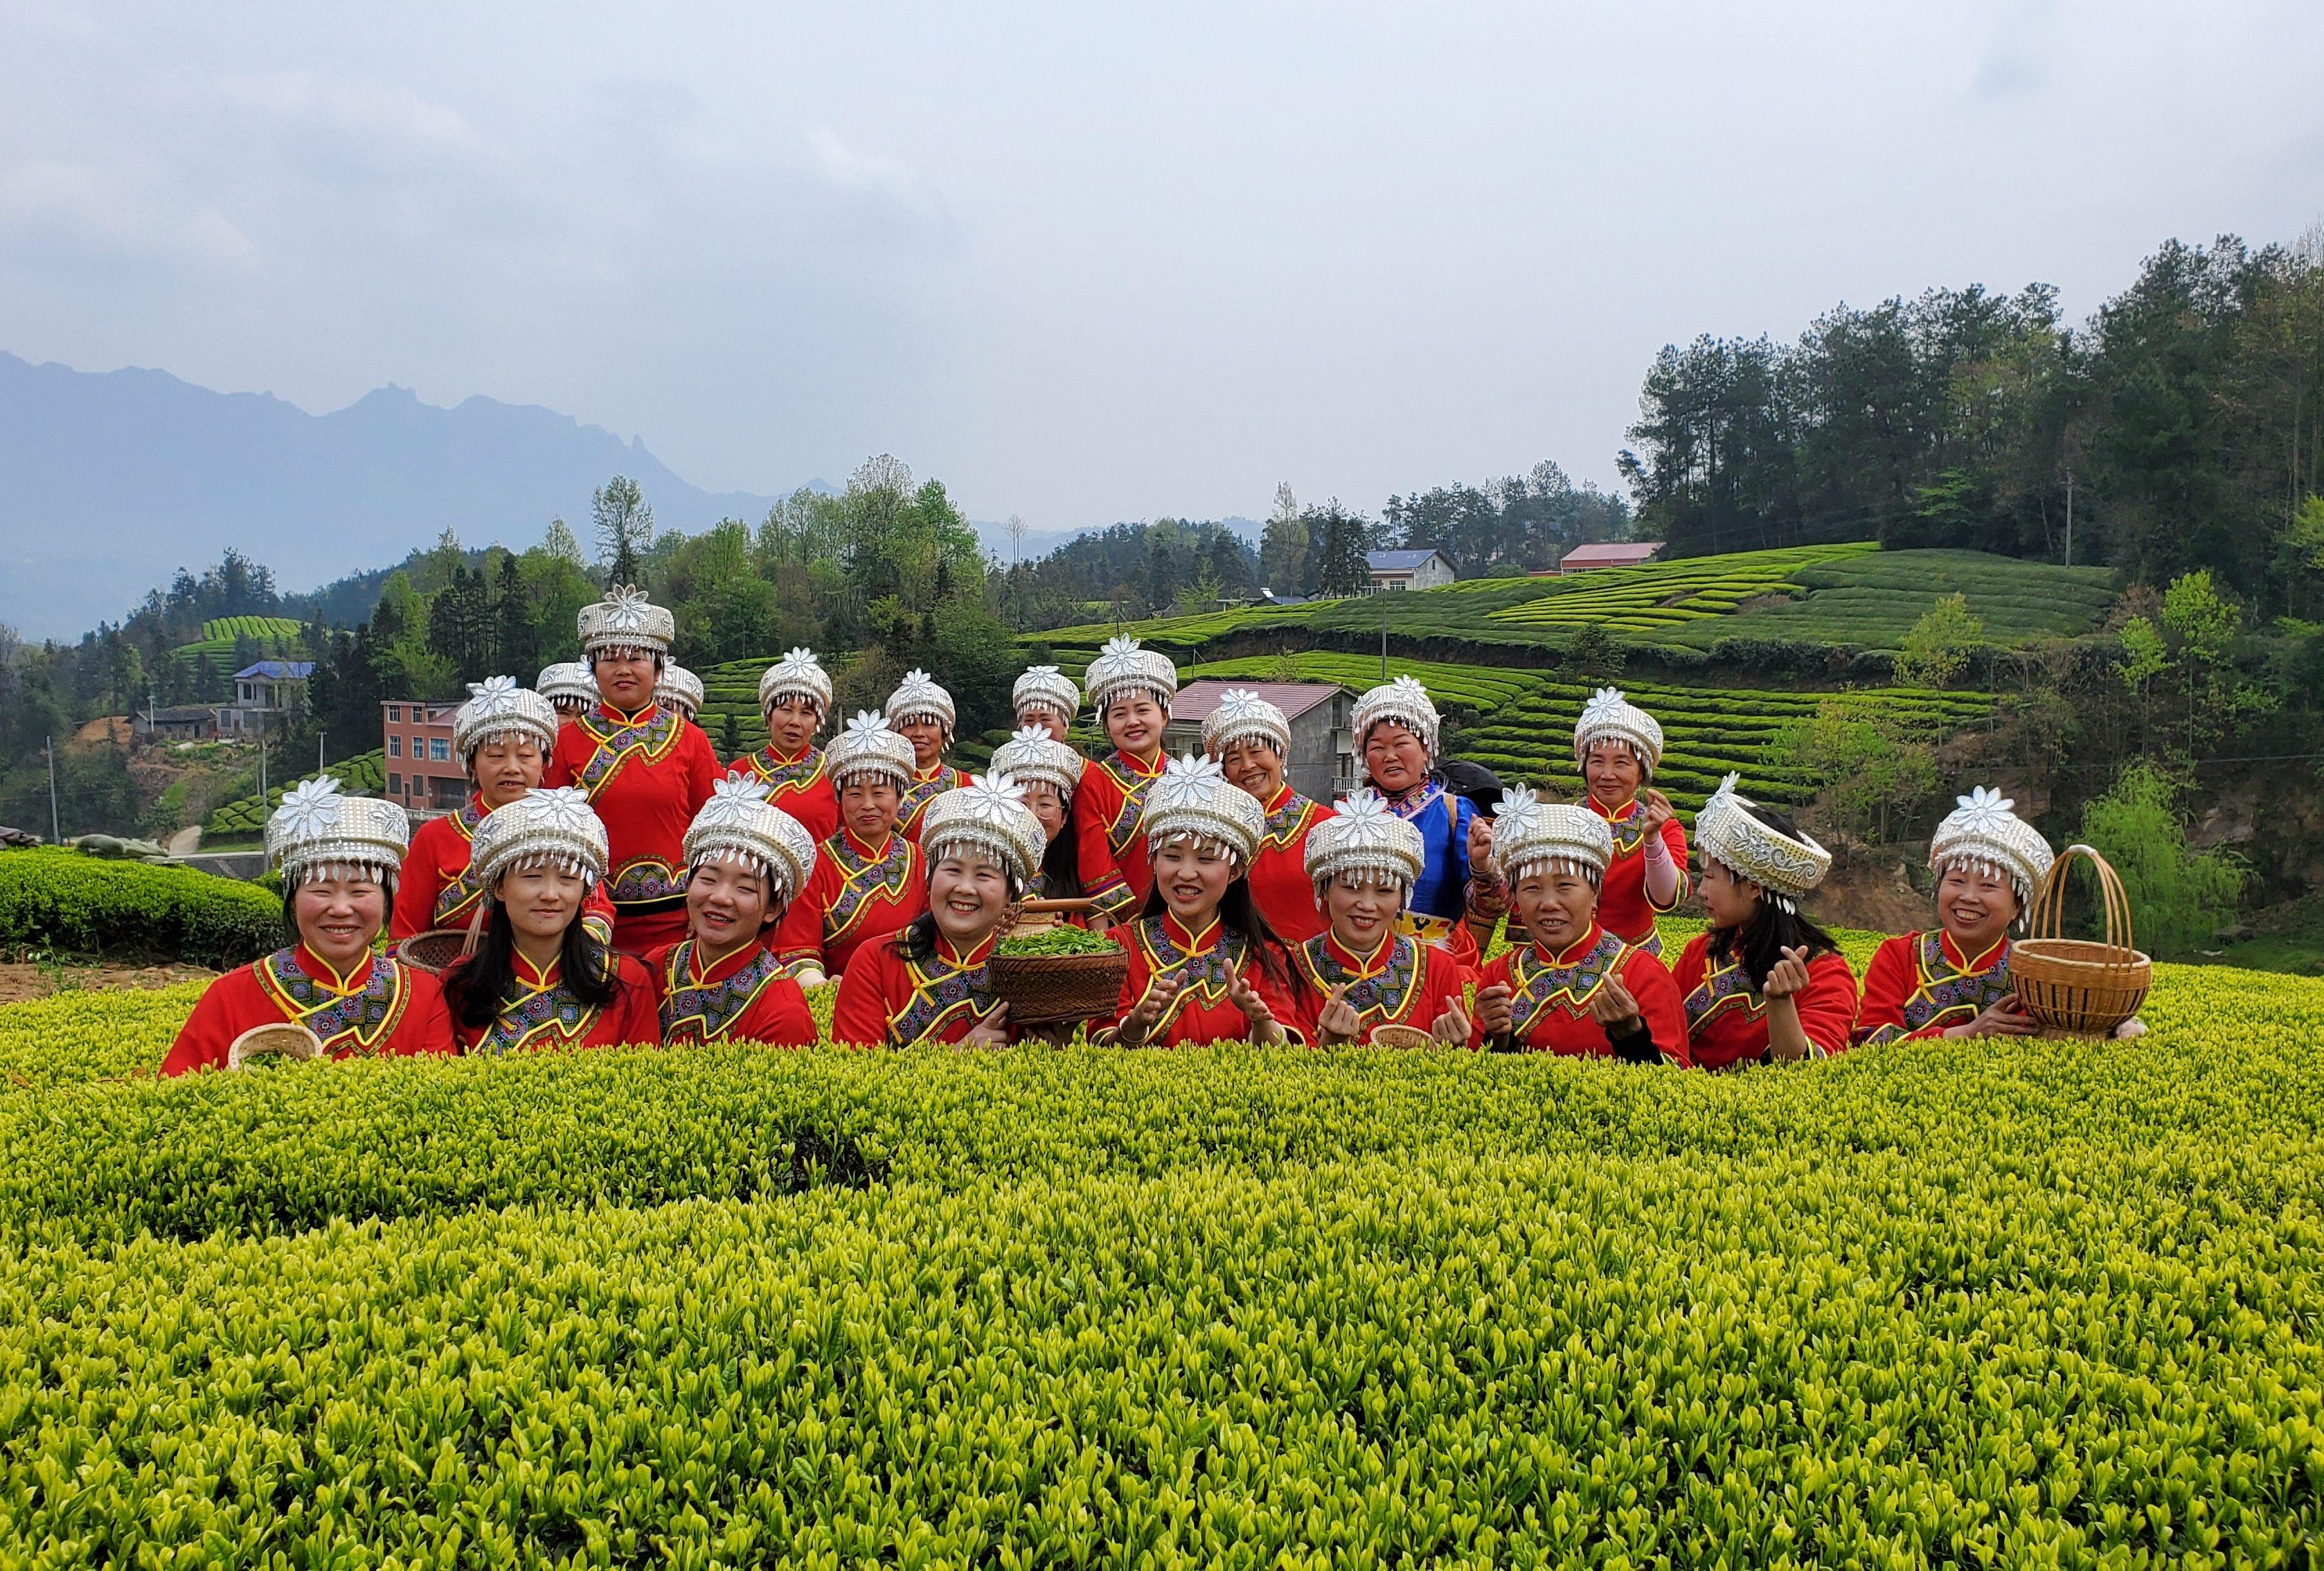 農村部にも広がるデジタル化の輪、お茶農家がライブコマースで販路開拓